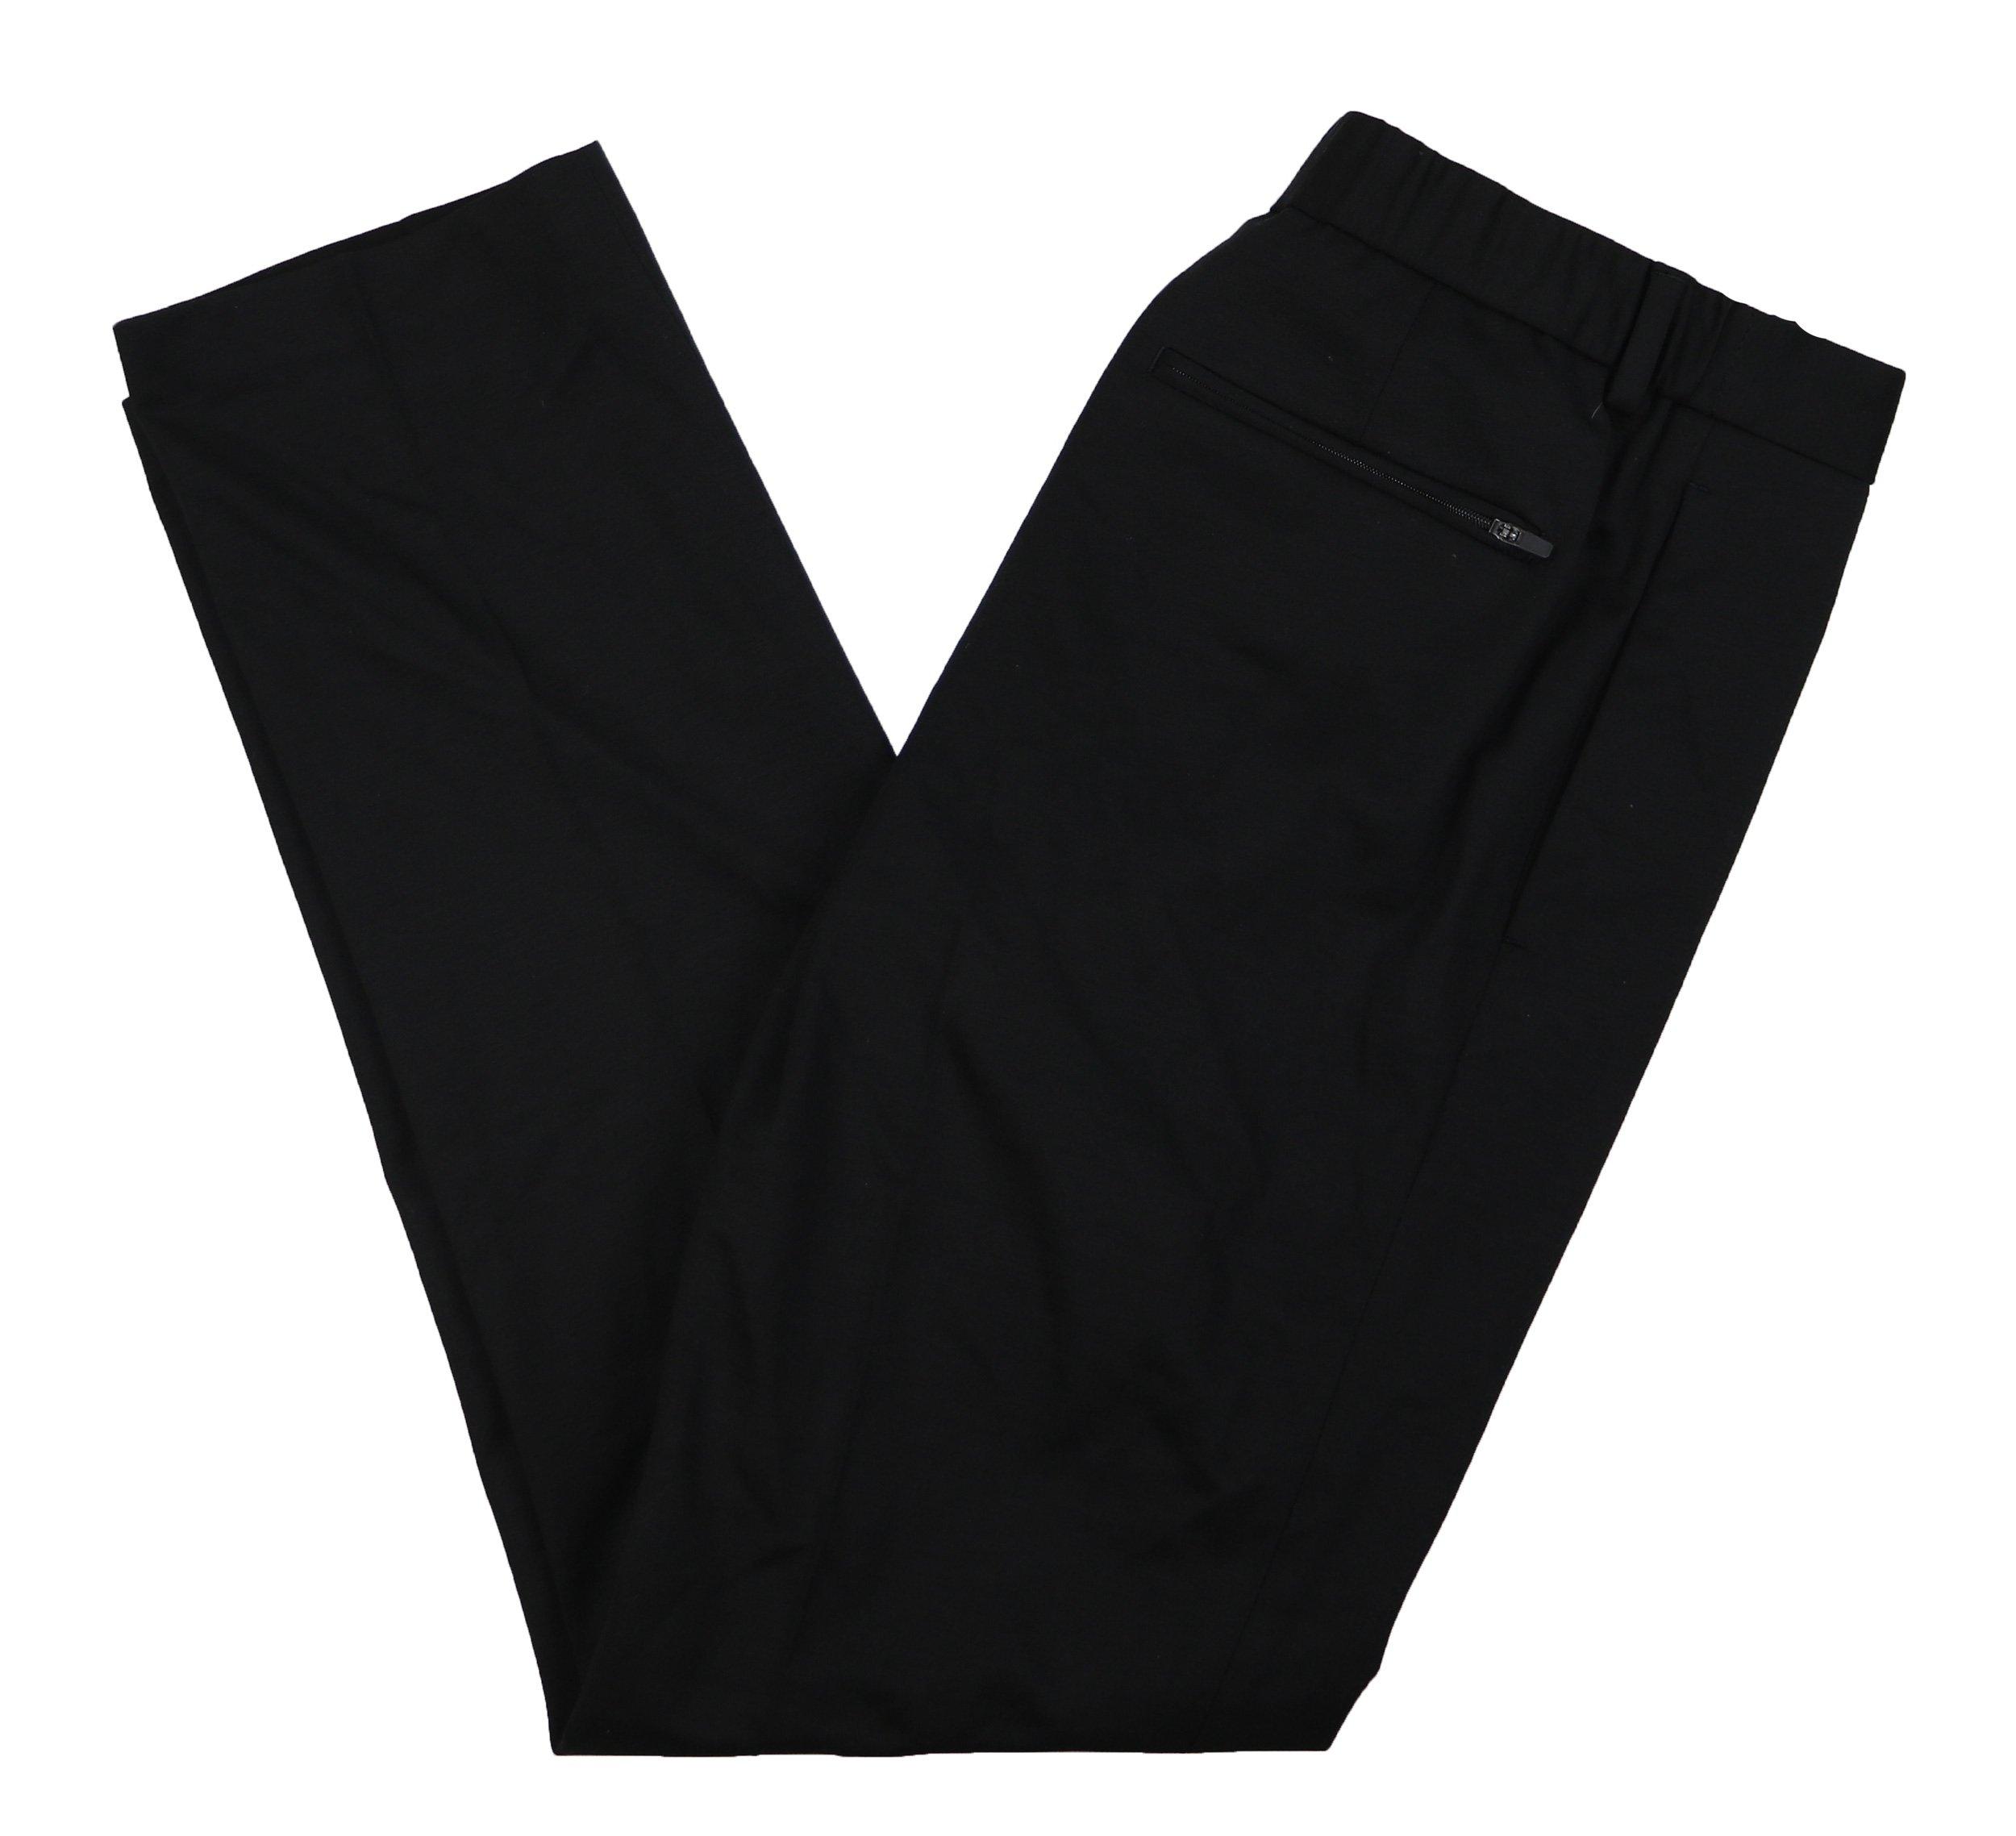 Alfani Travel Essentials Stretch Slim Fit Men's Pants (Deep Black, 32W x 32L)